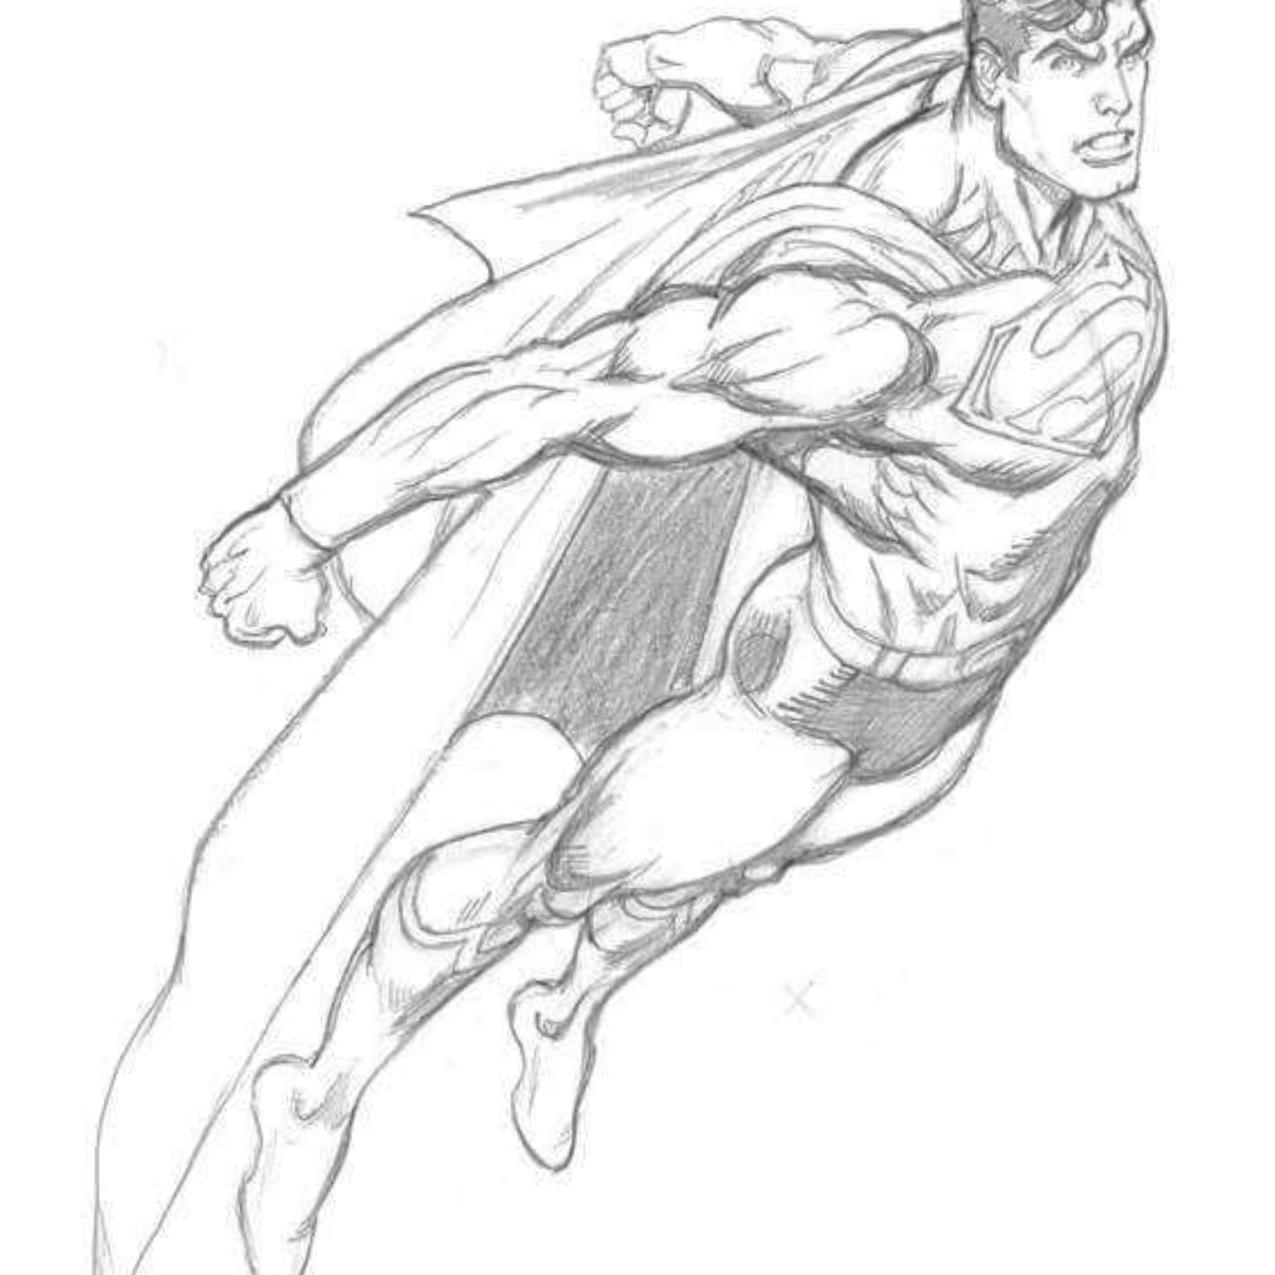 Superman pencils by Garcia Lopez